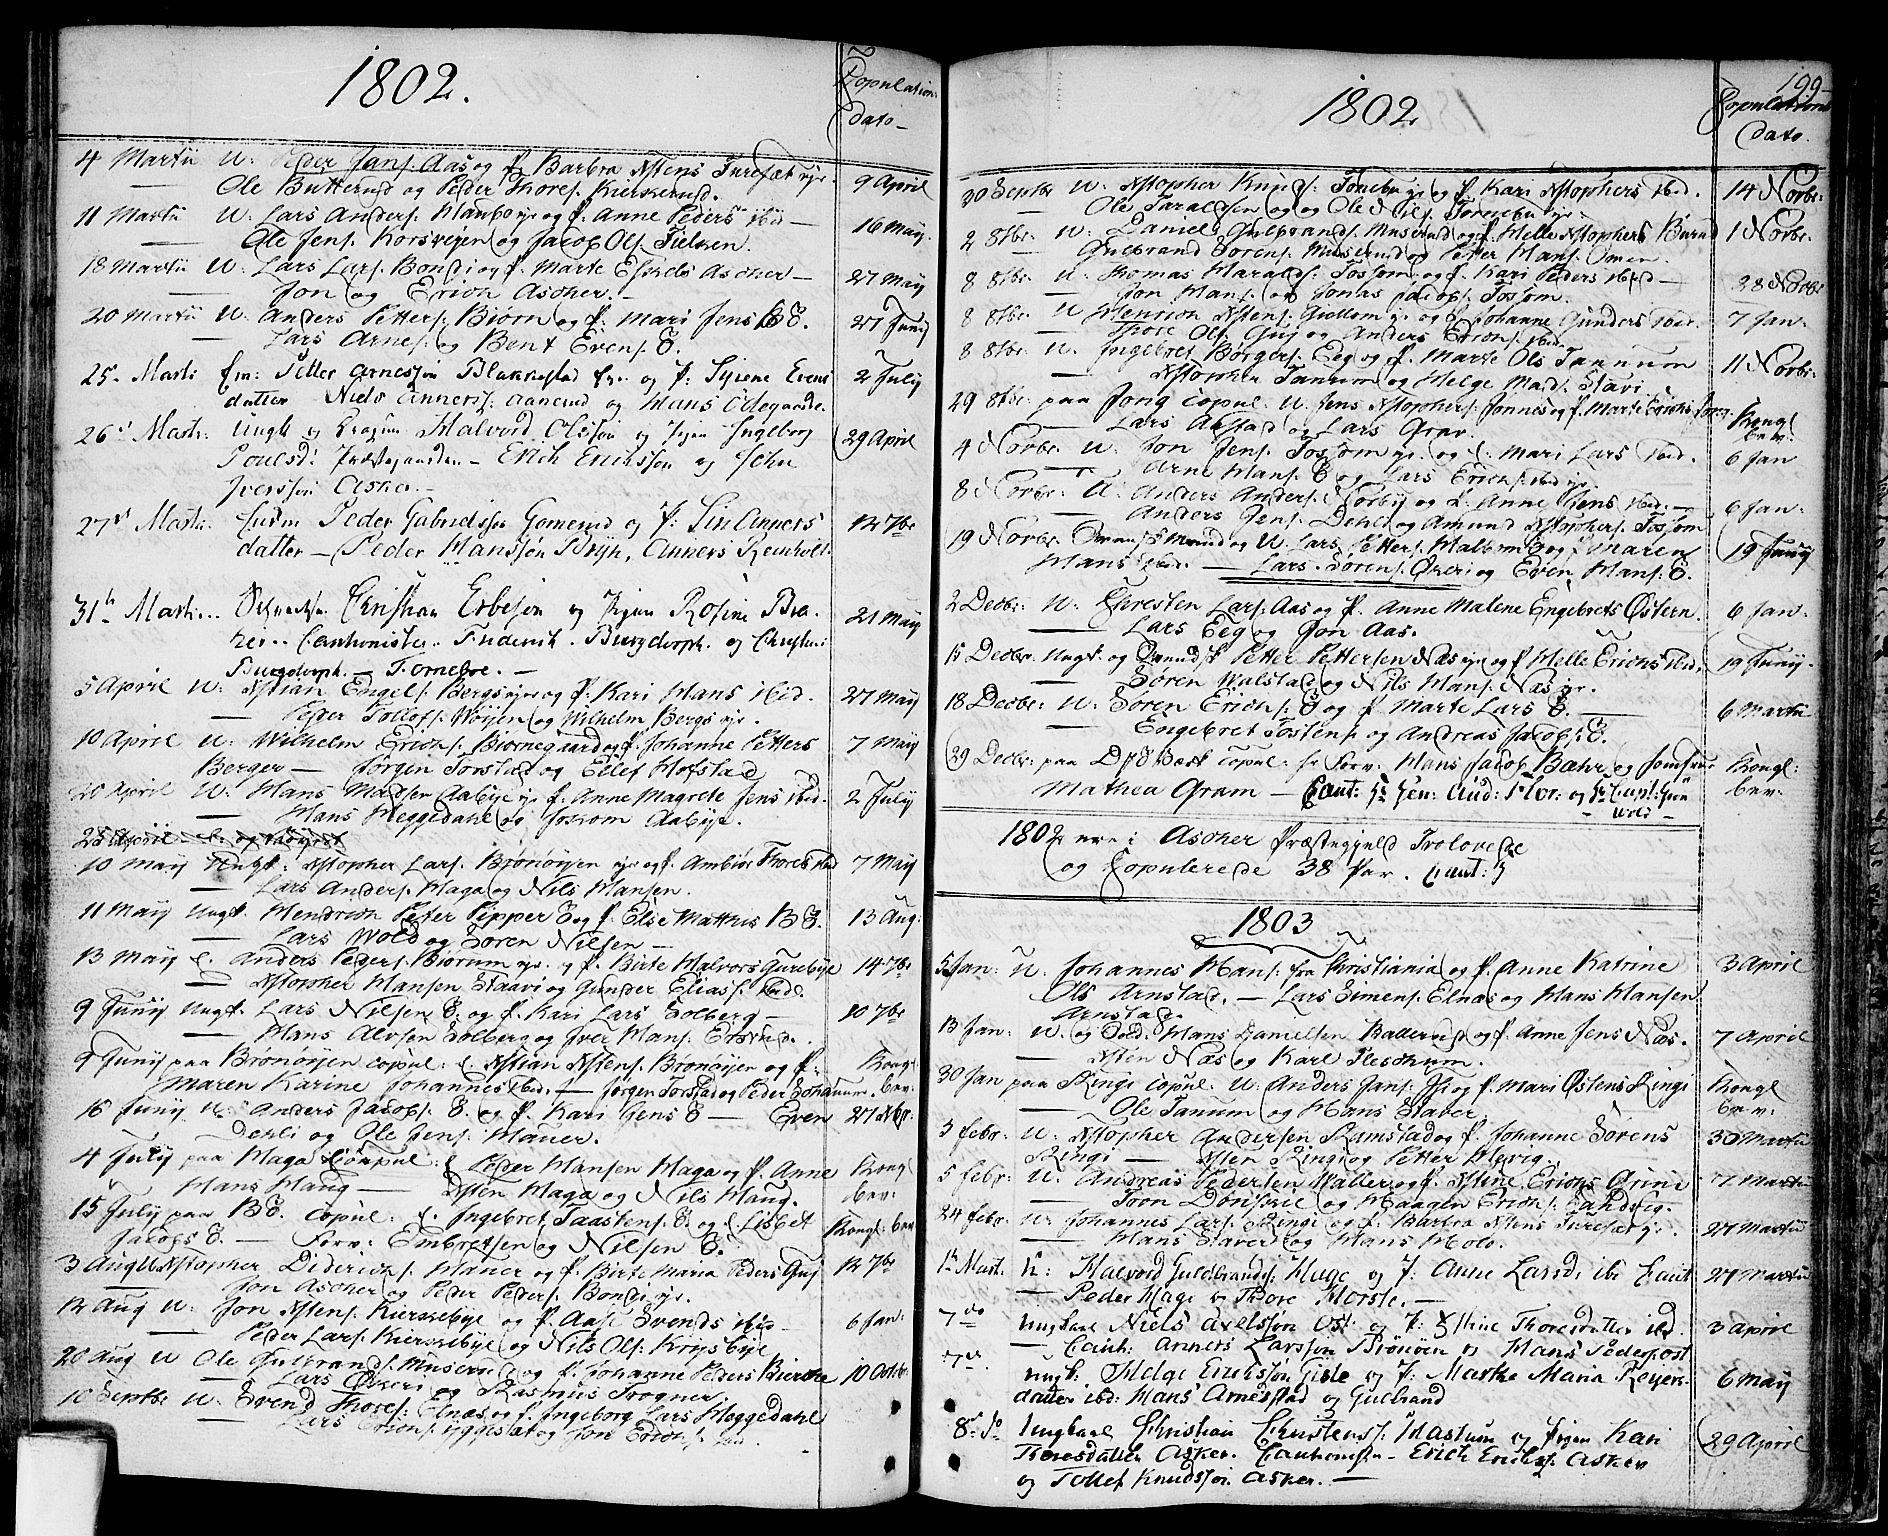 SAO, Asker prestekontor Kirkebøker, F/Fa/L0003: Ministerialbok nr. I 3, 1767-1807, s. 199